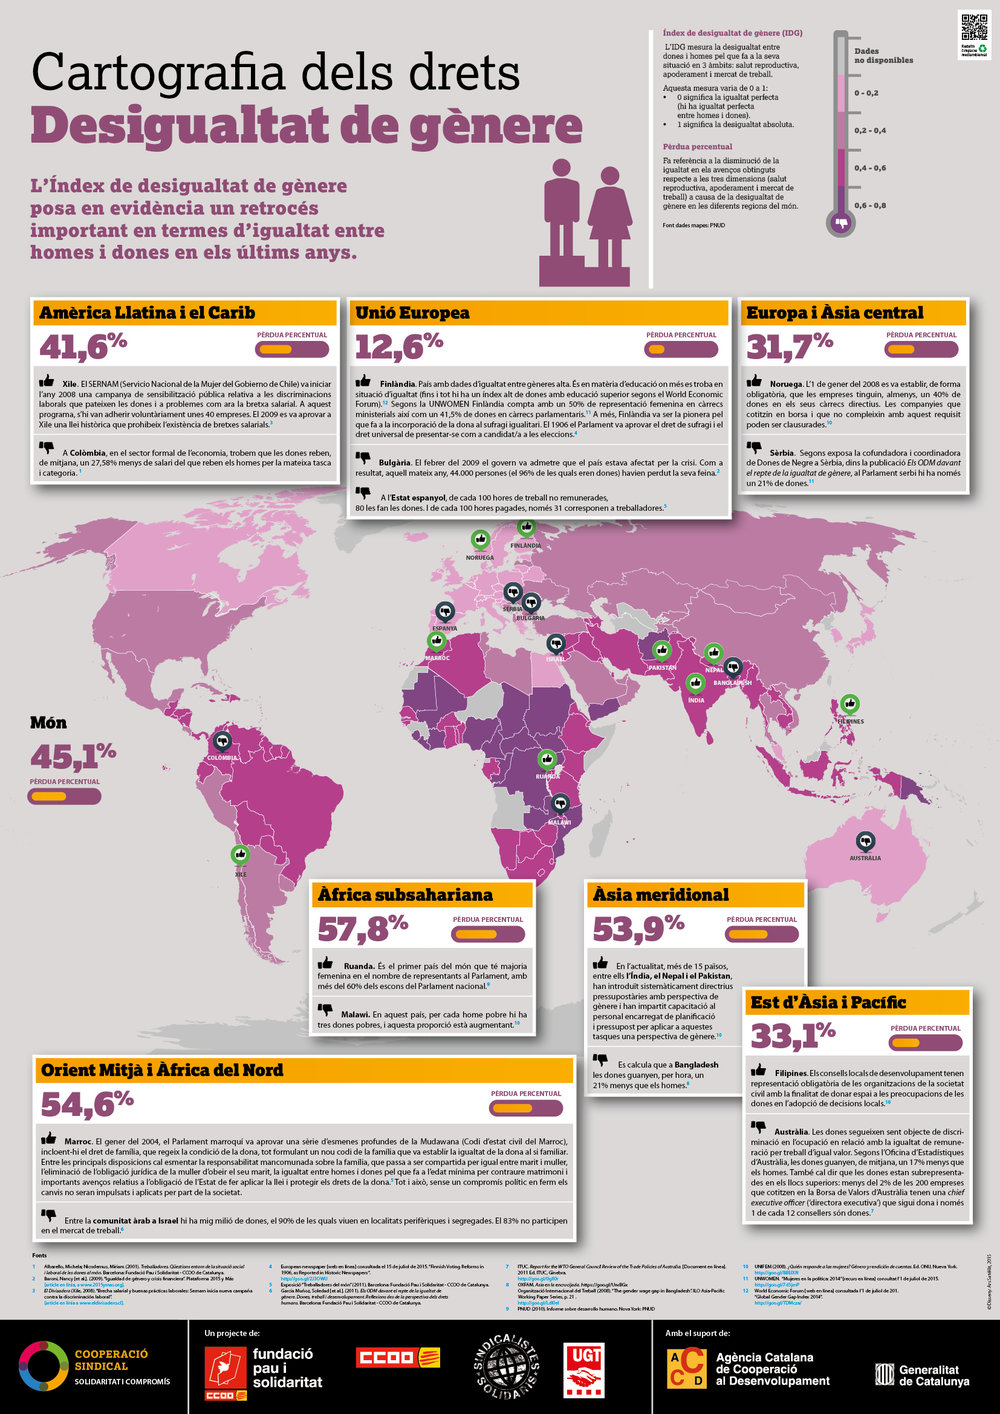 Cartografia dels drets. Desigualtat de gènere